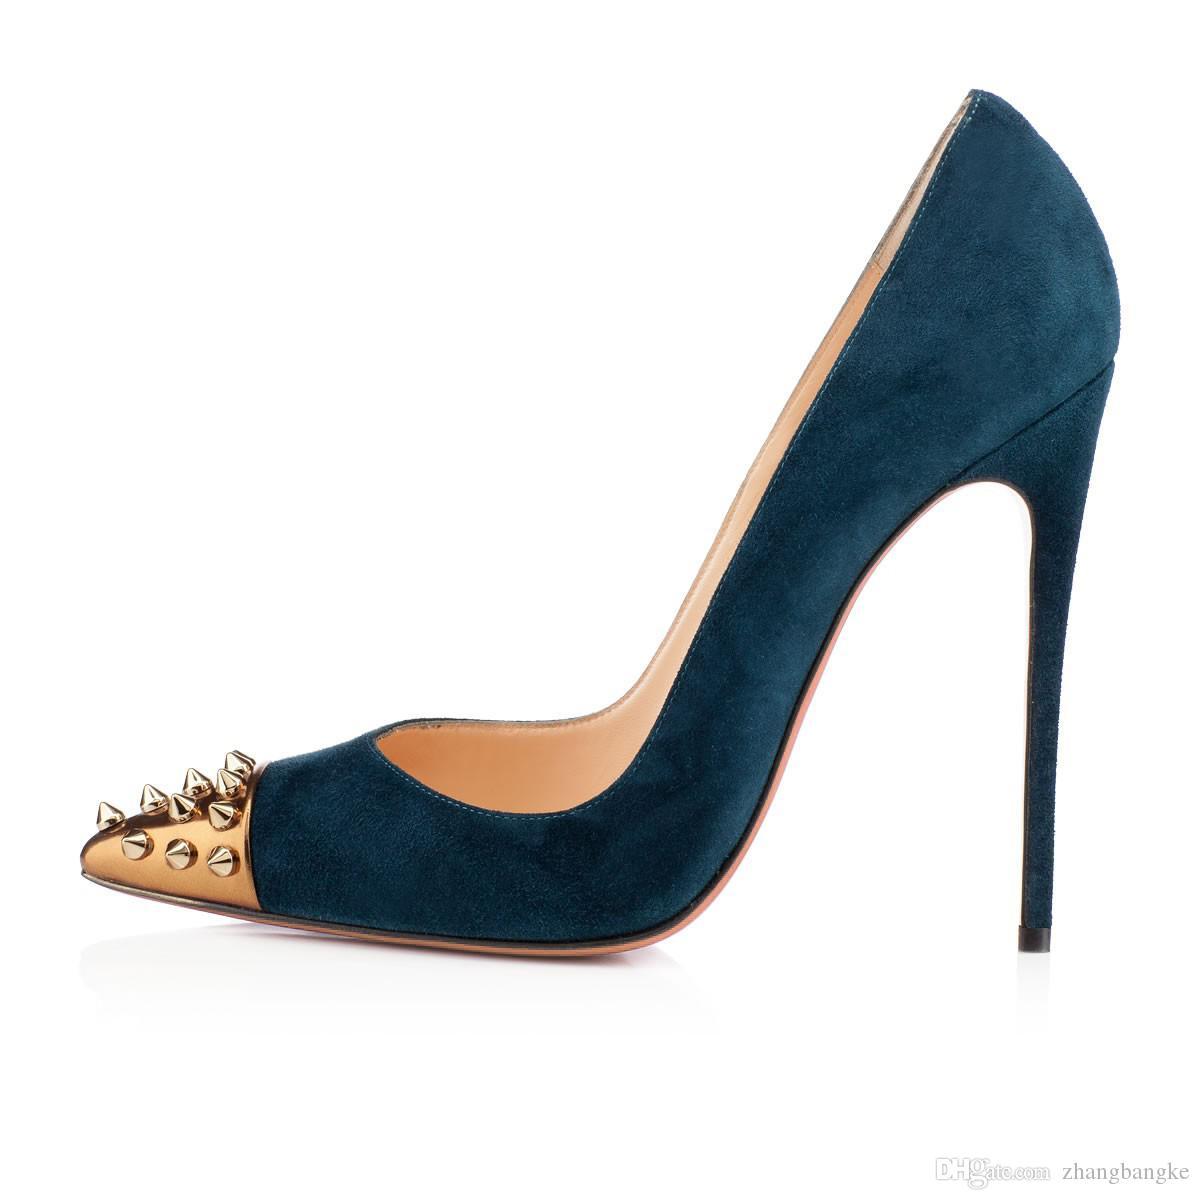 2016 женщины новая мода высокие каблуки туфли ну вечеринку обуви супер высокие каблуки заклепки туфли на шпильках острым носом большой размер EU 34 TO 45